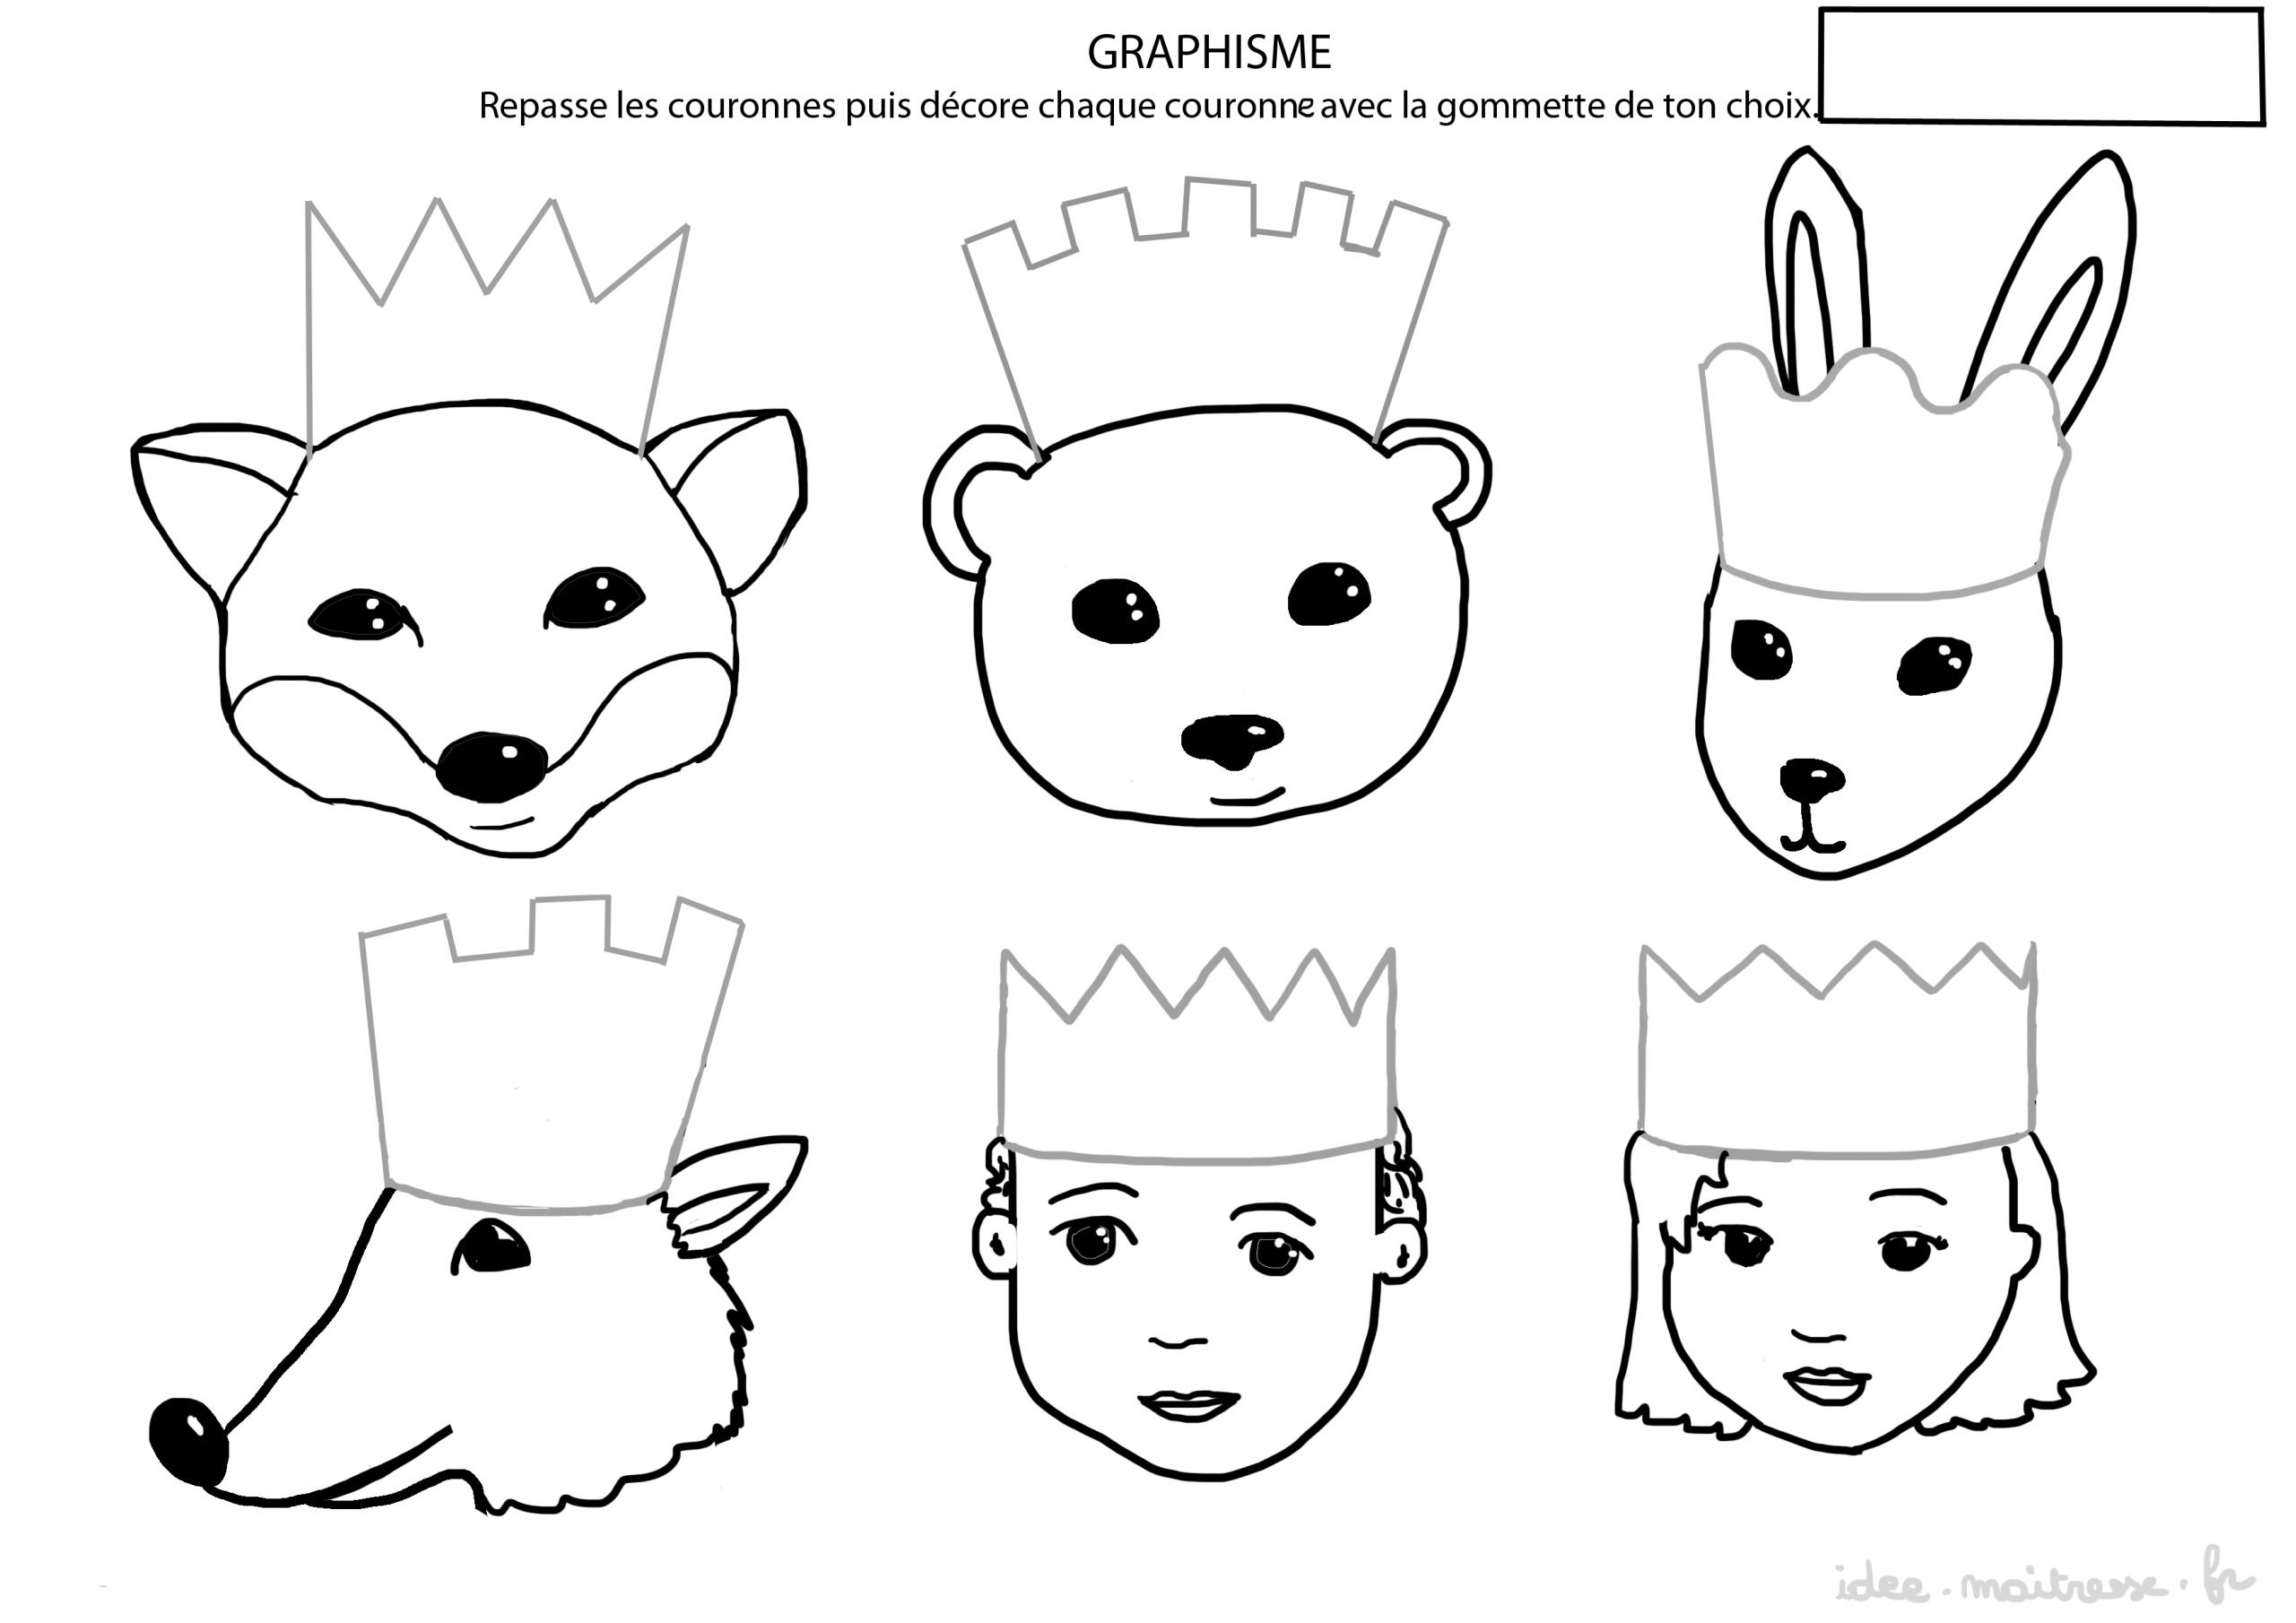 Exercices De Graphismes Pour La Maternelle Et Le Primaire avec Graphisme Gs A Imprimer